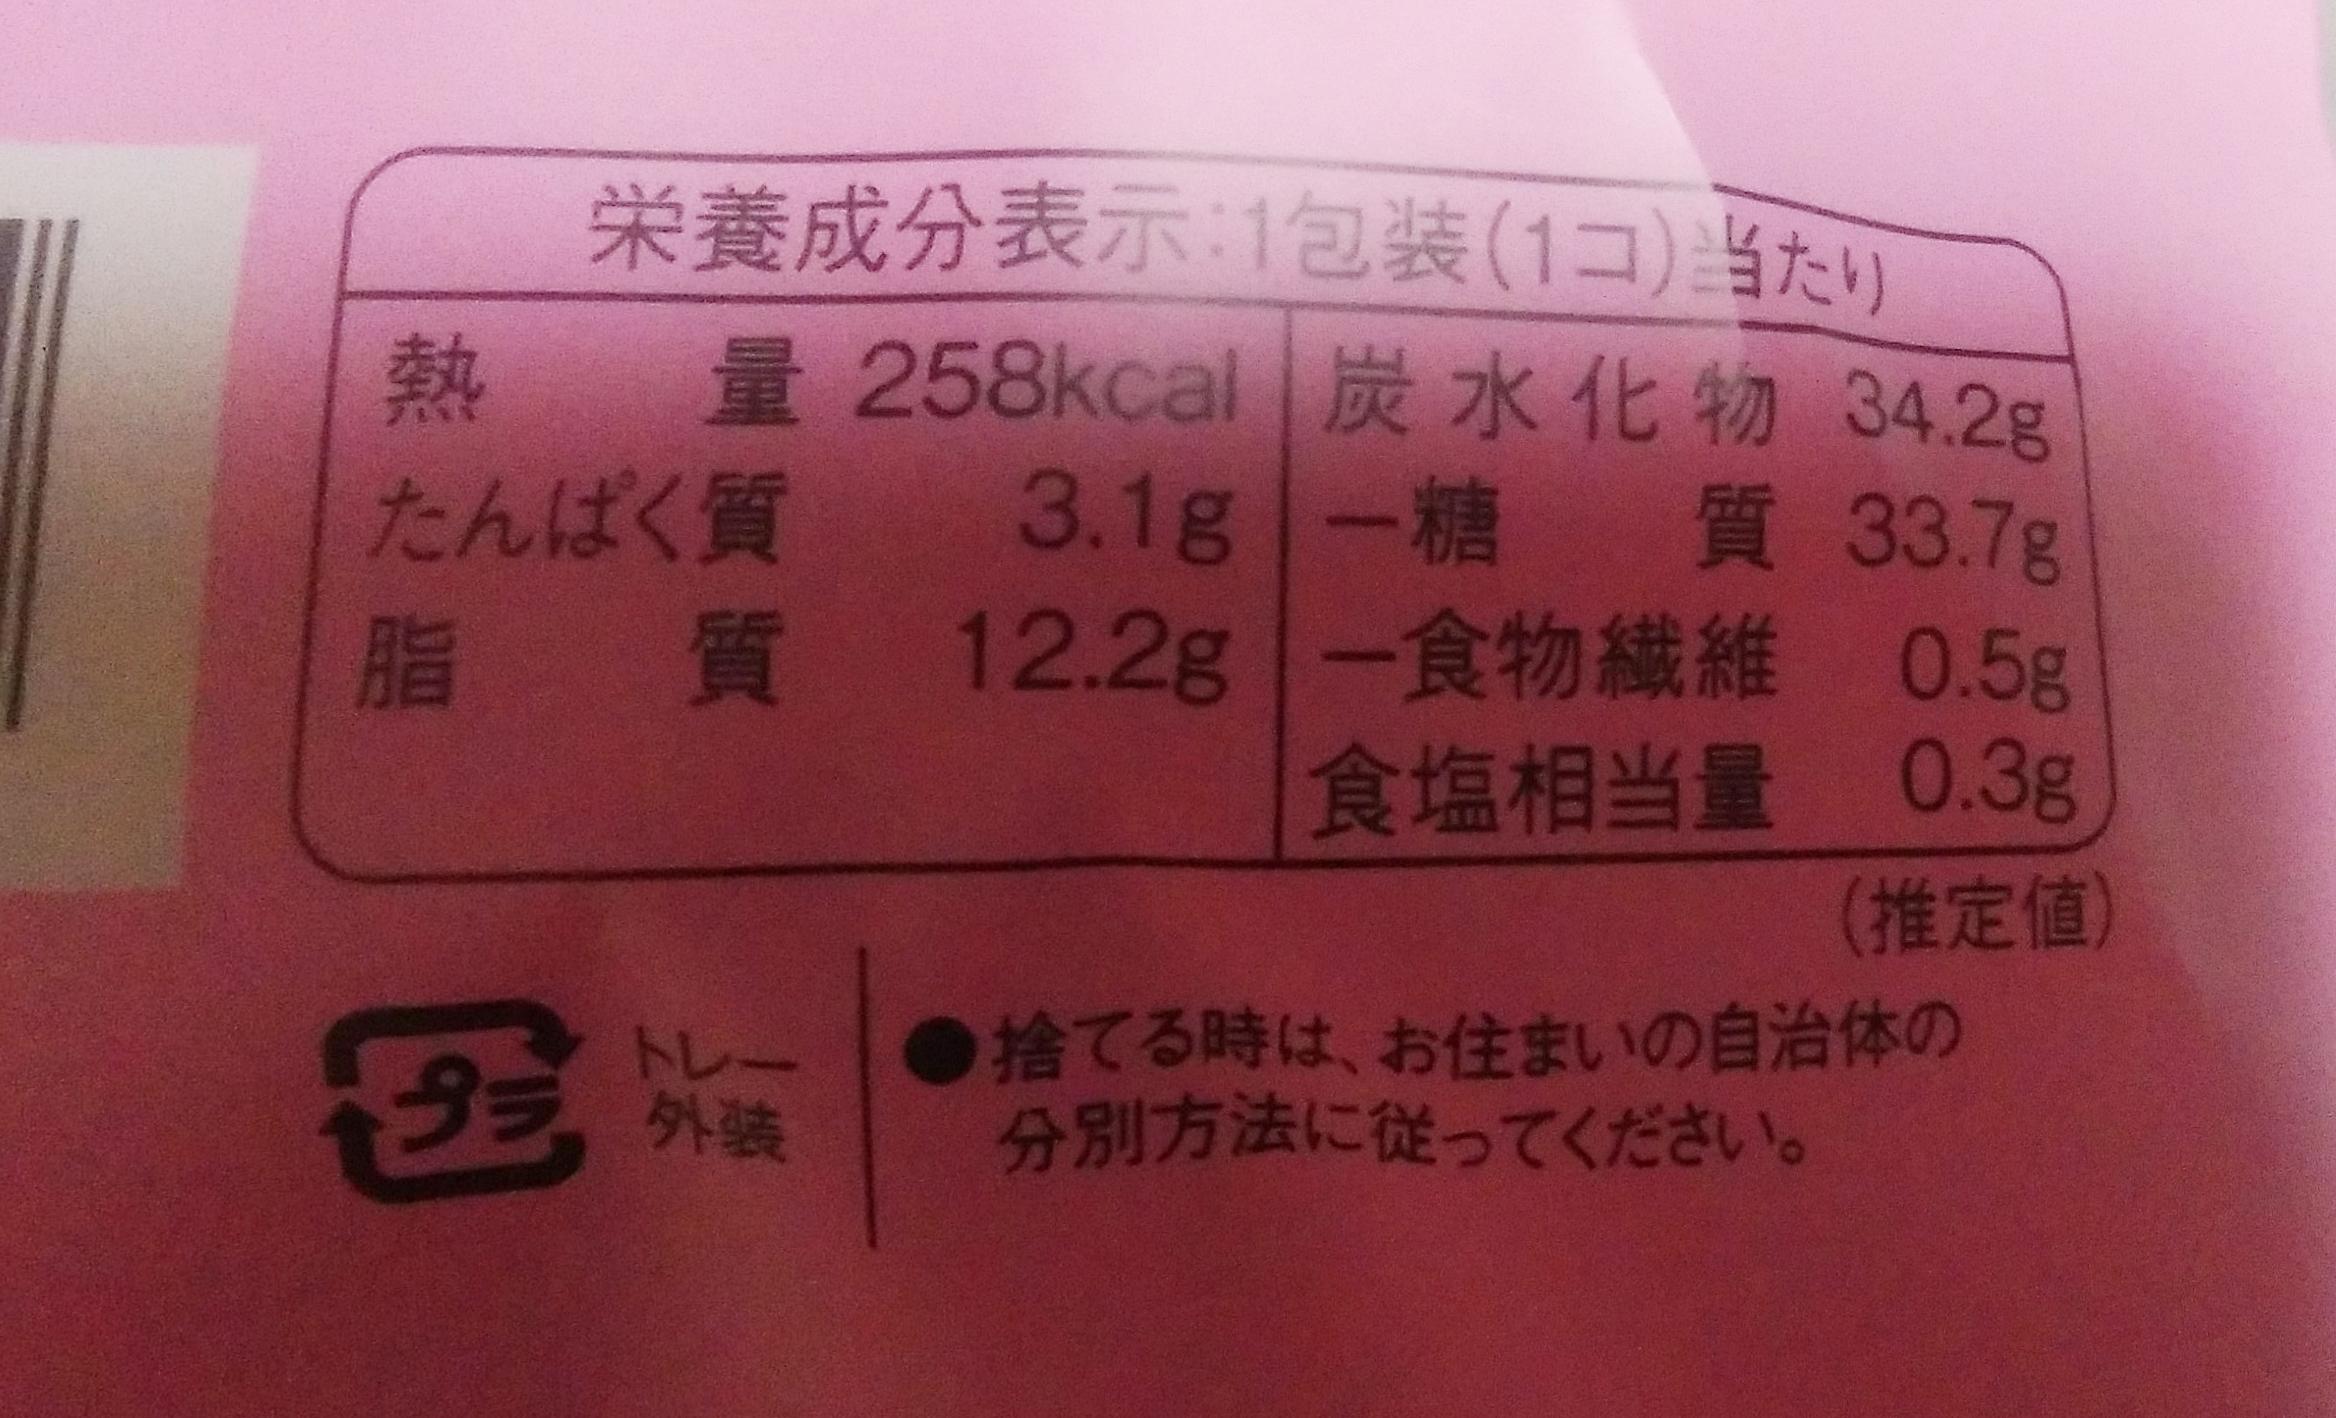 ウチカフェスイーツおすすめ2021!甘さ控えめ・甘い商品に3選!72